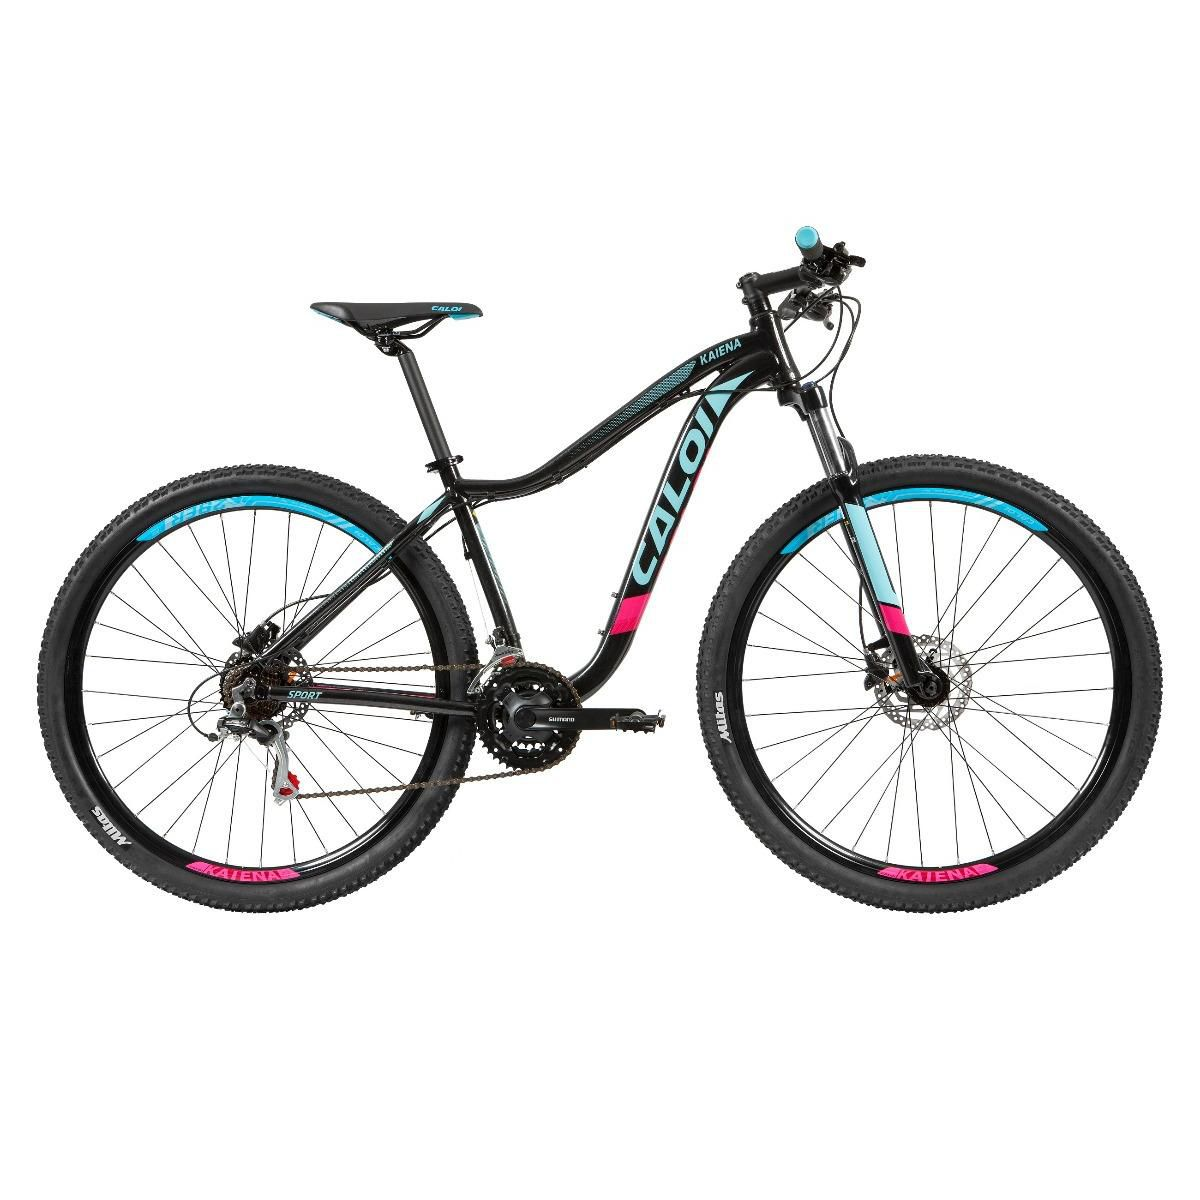 Bicicleta CALOI KAIENA SPORT – 2019